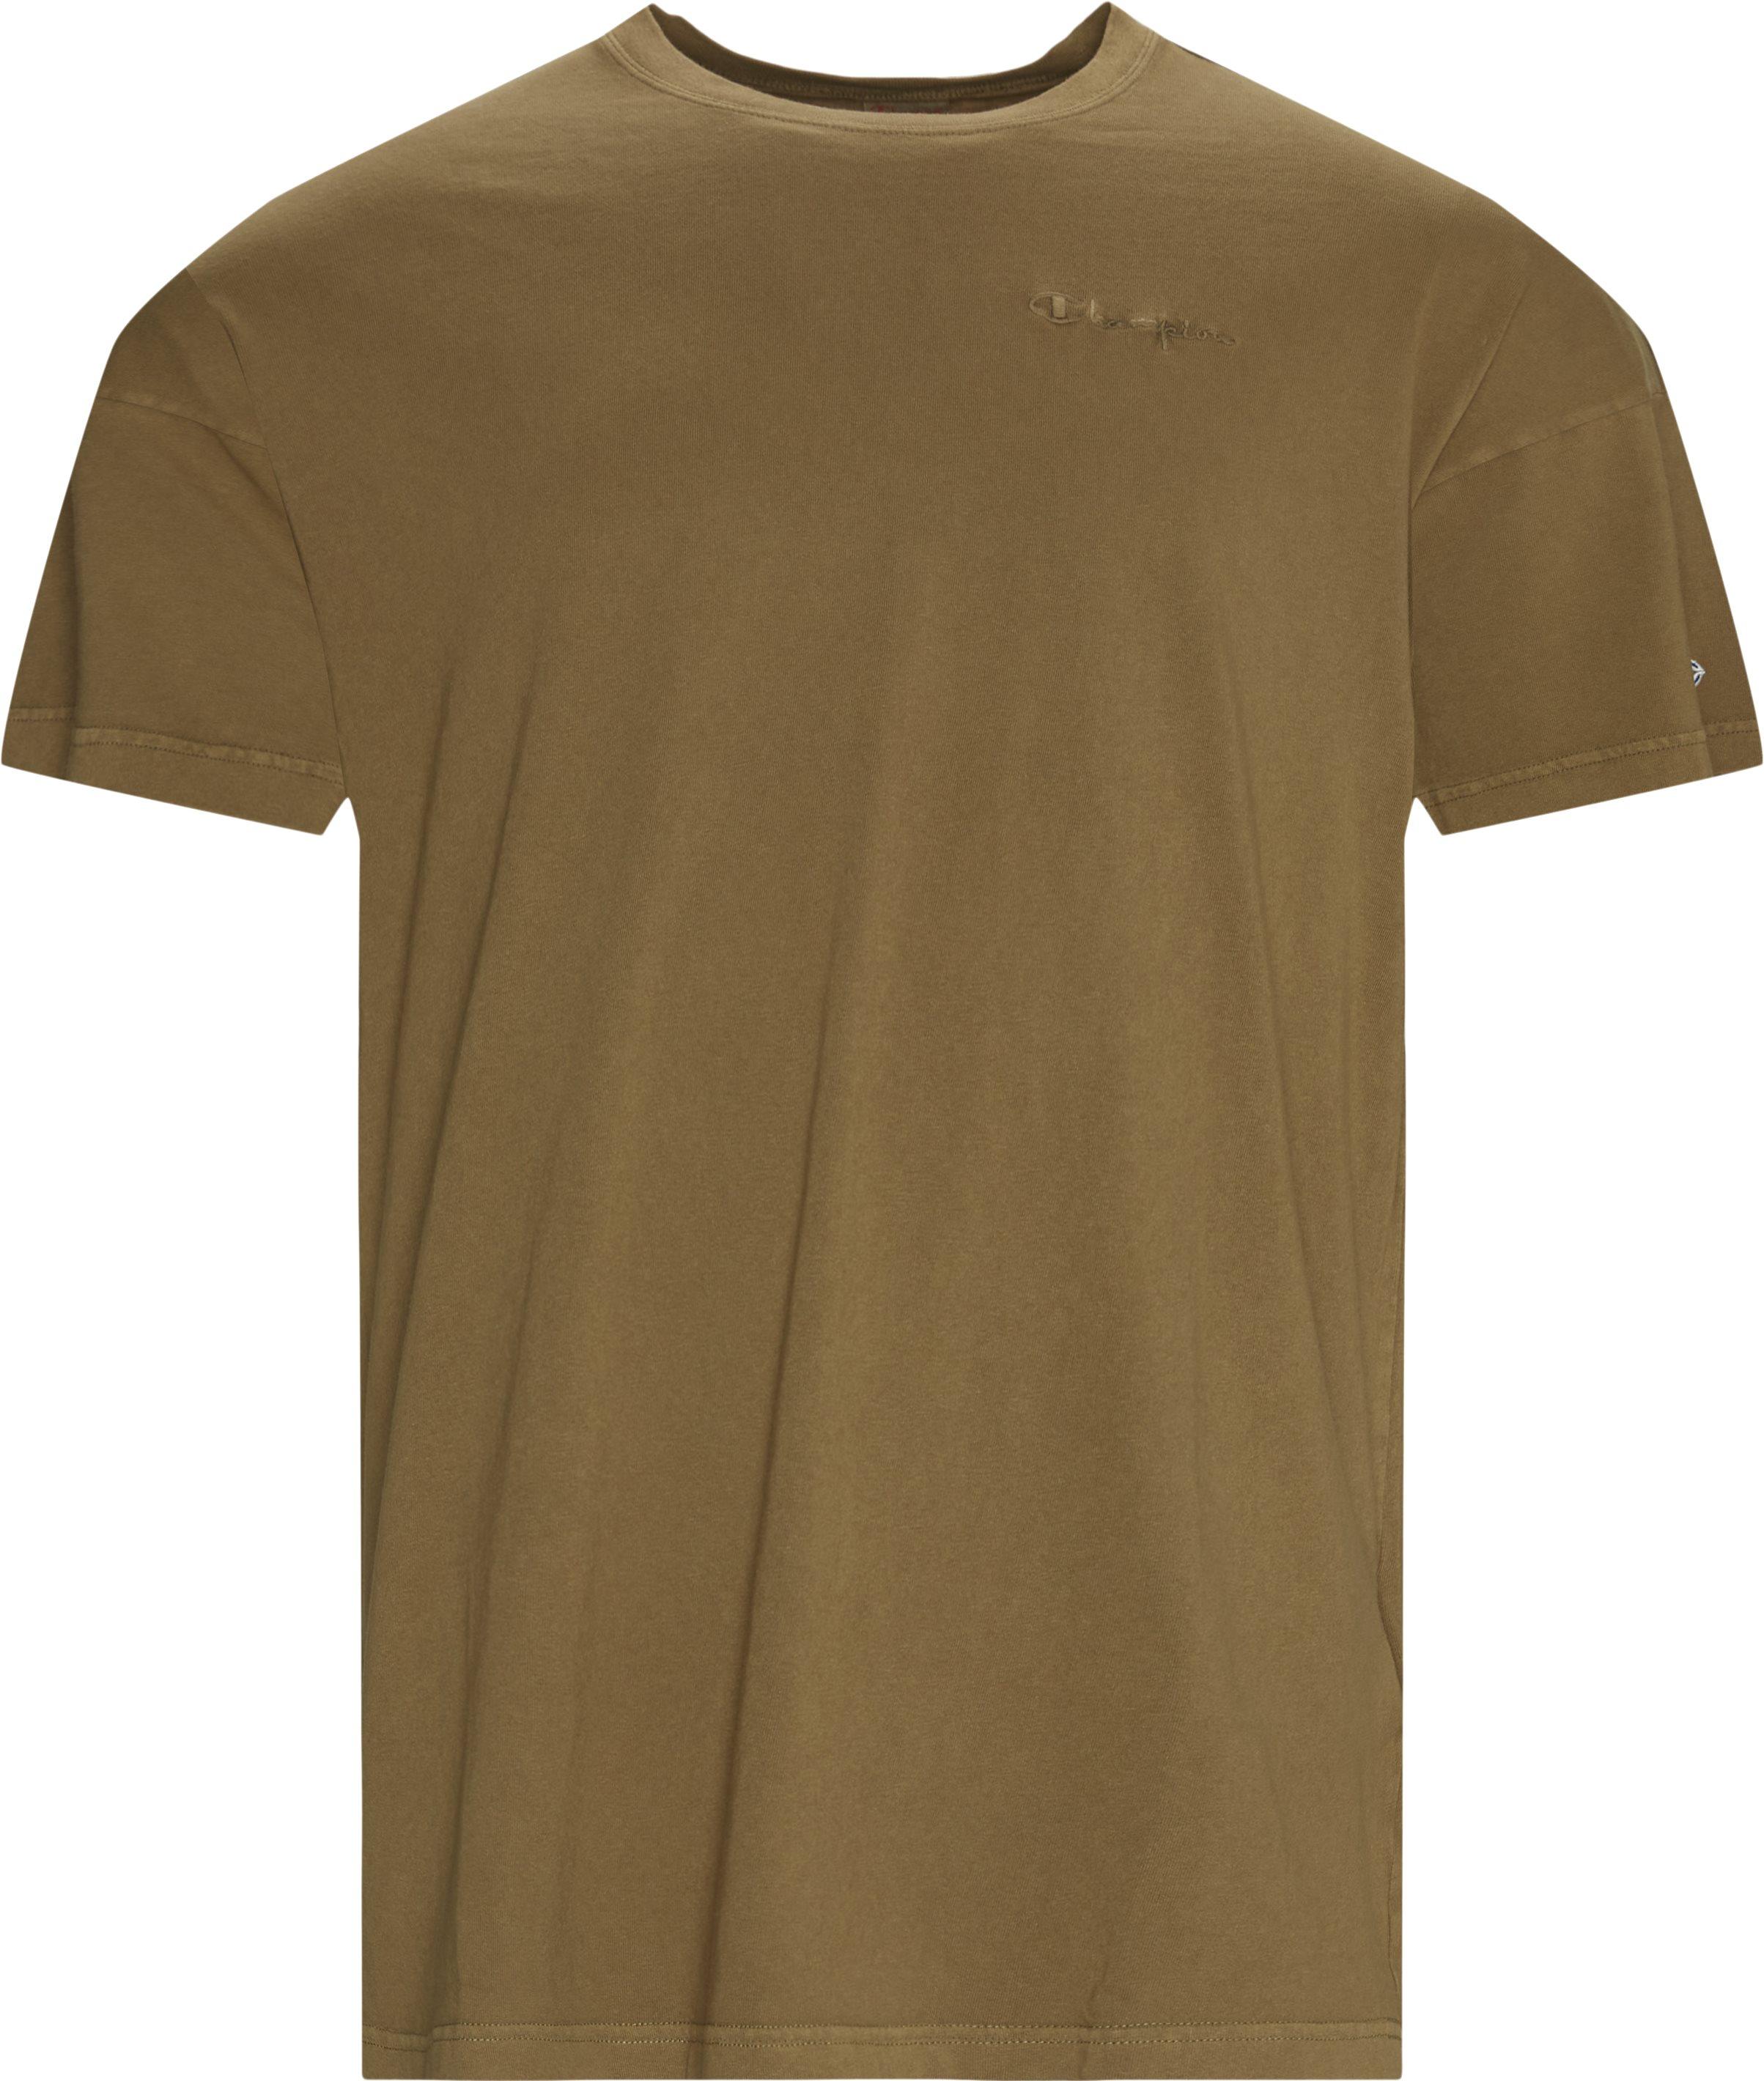 G D Tee - T-shirts - Regular fit - Grøn